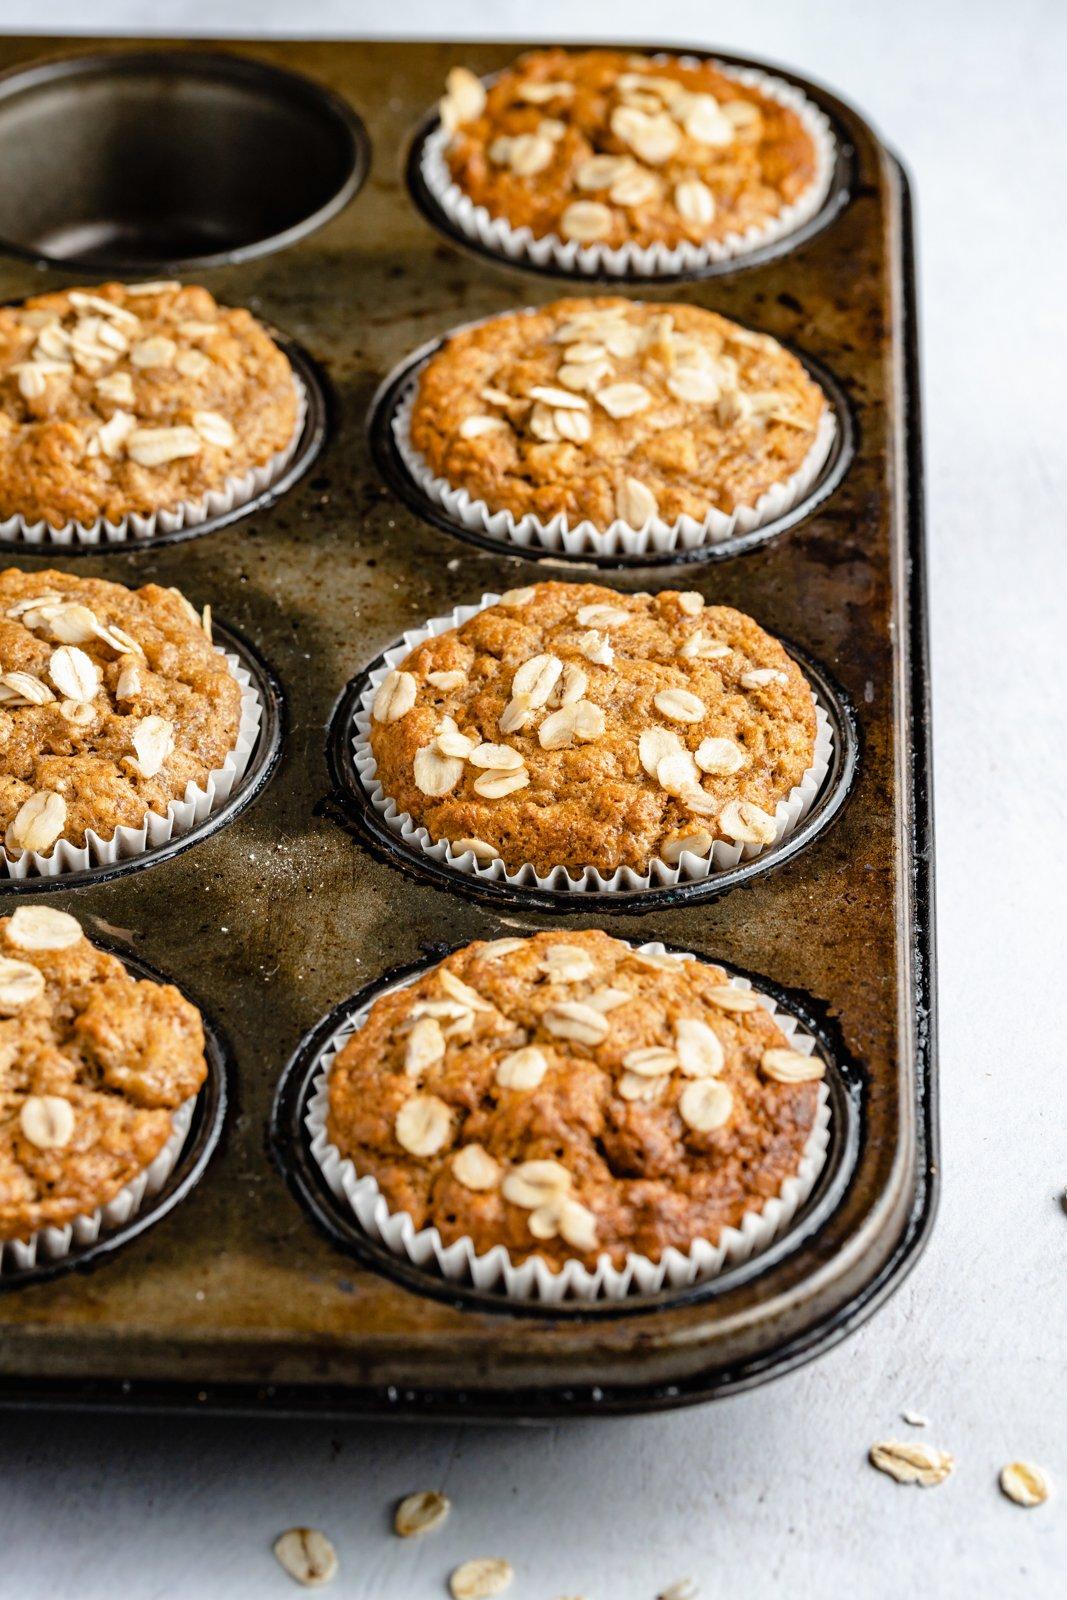 fluffy vegan banana muffins in a muffin tin